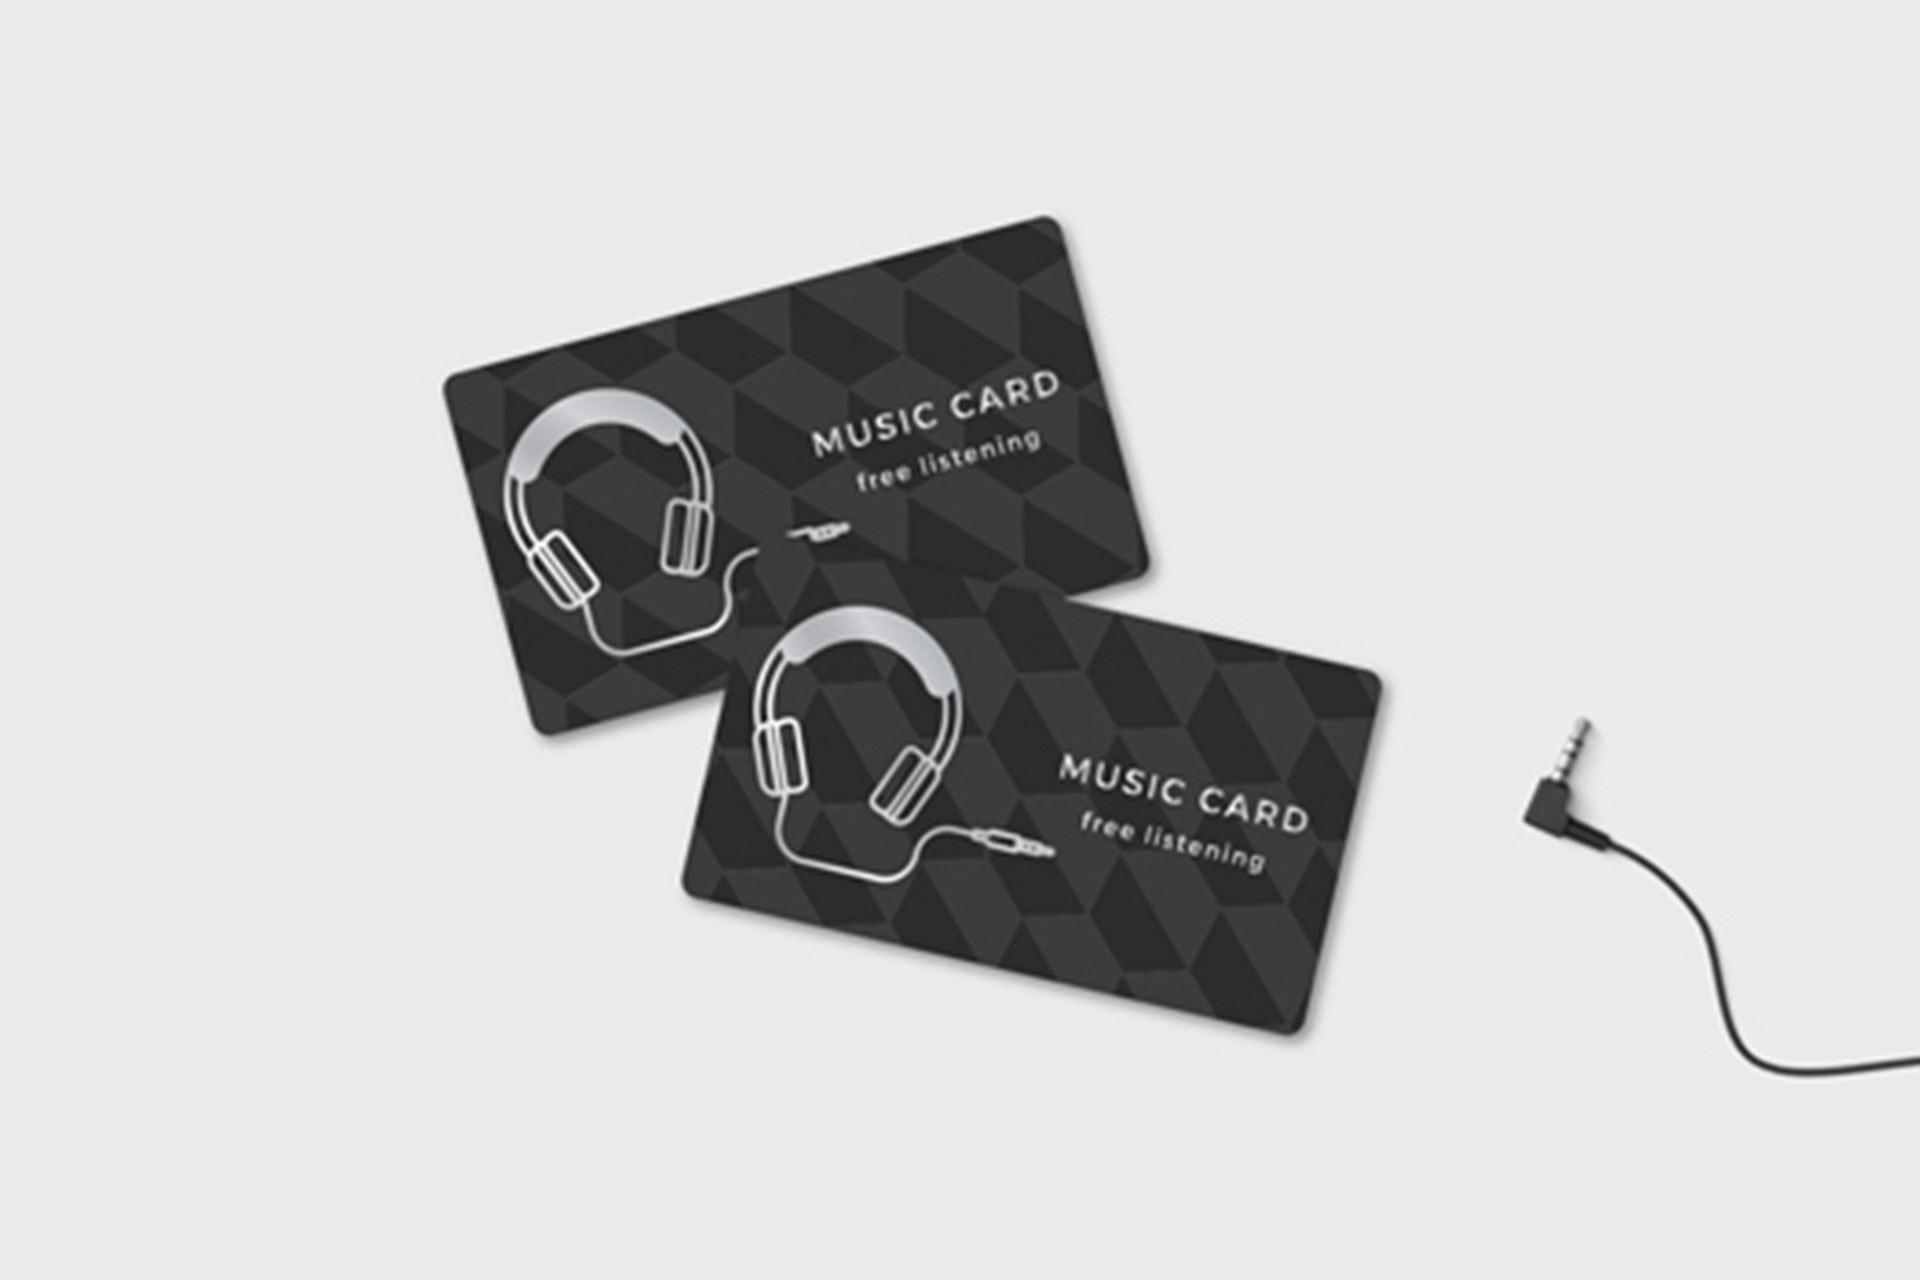 Card per discoteche